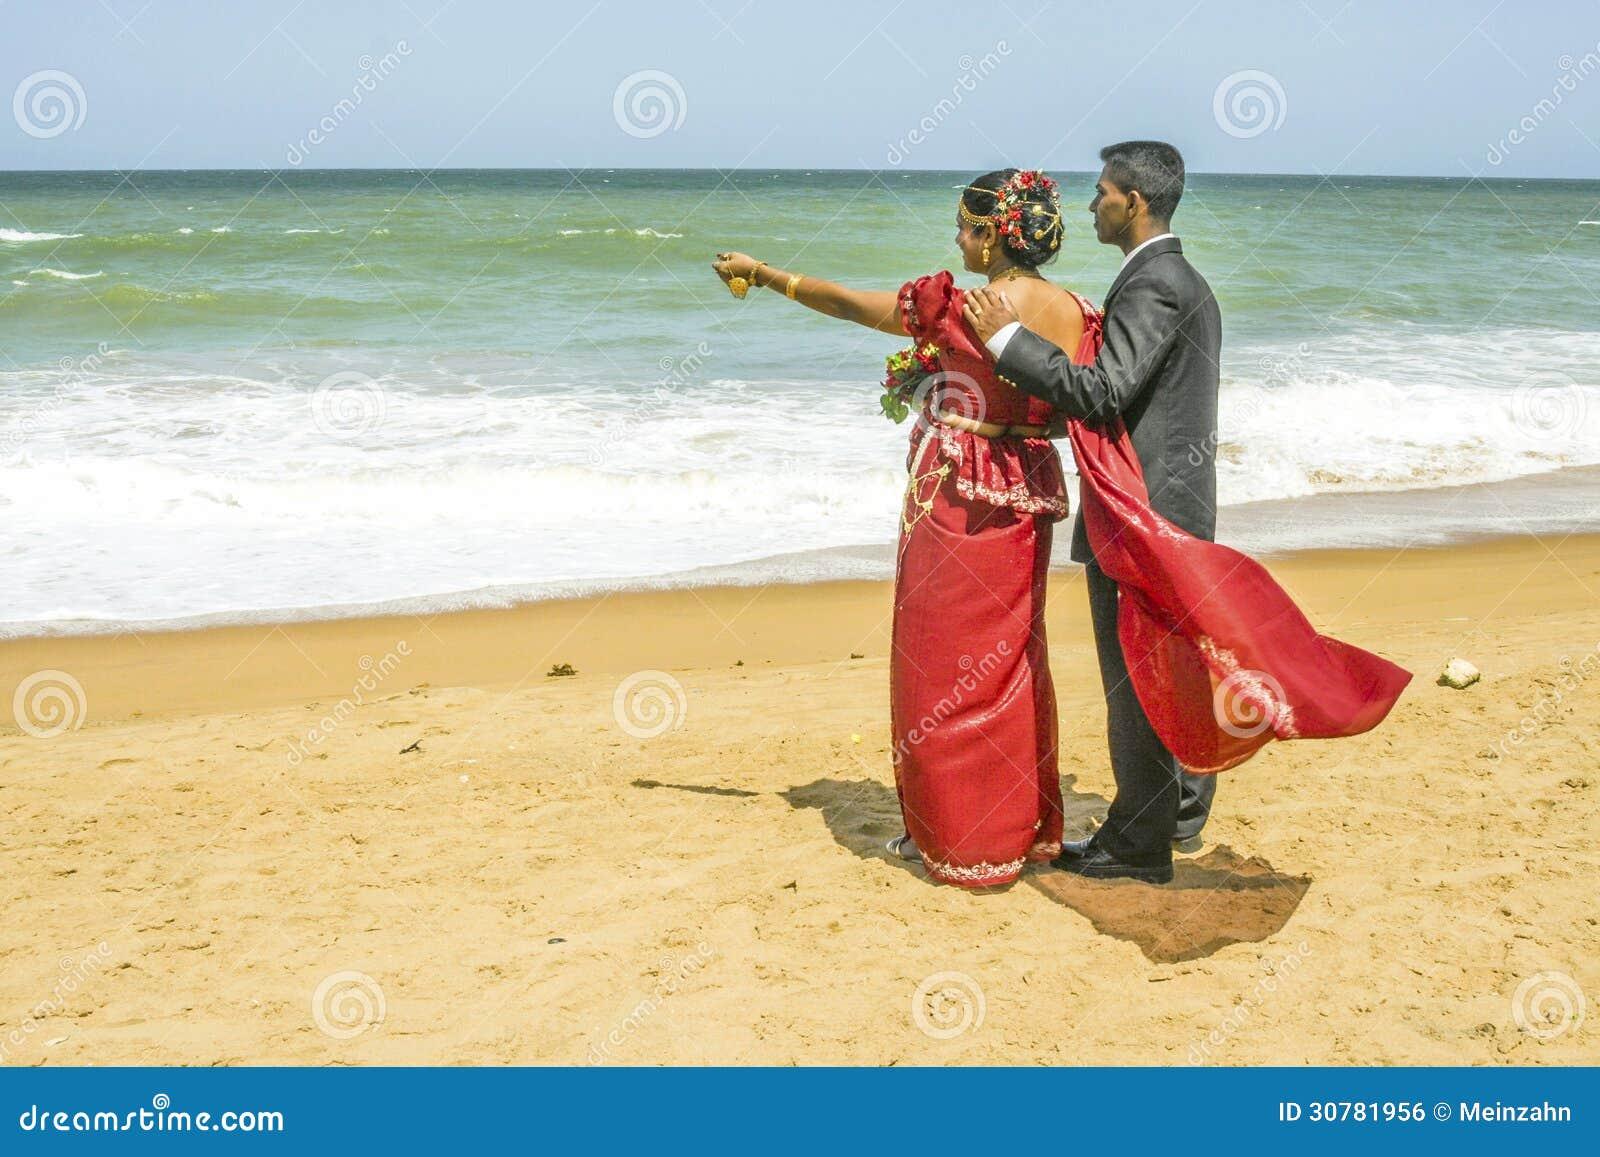 Sri Lanka Nude Couple